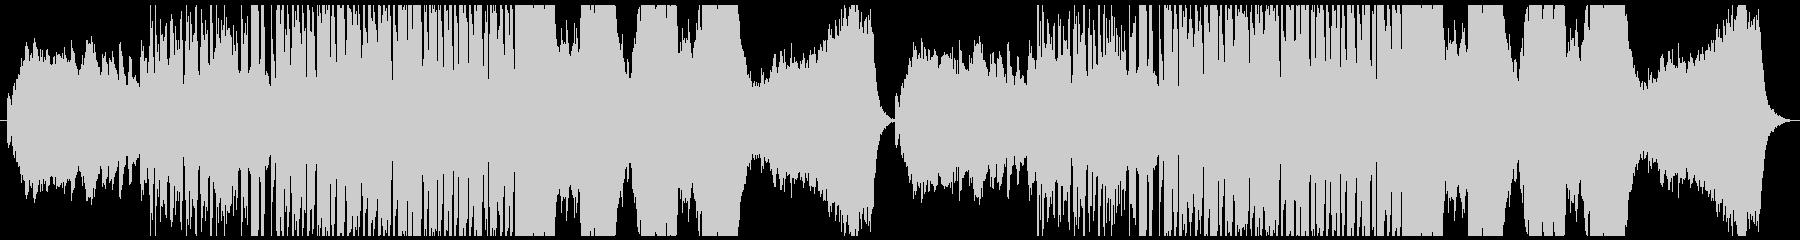 ハロウィン・かわいいホラー曲の未再生の波形